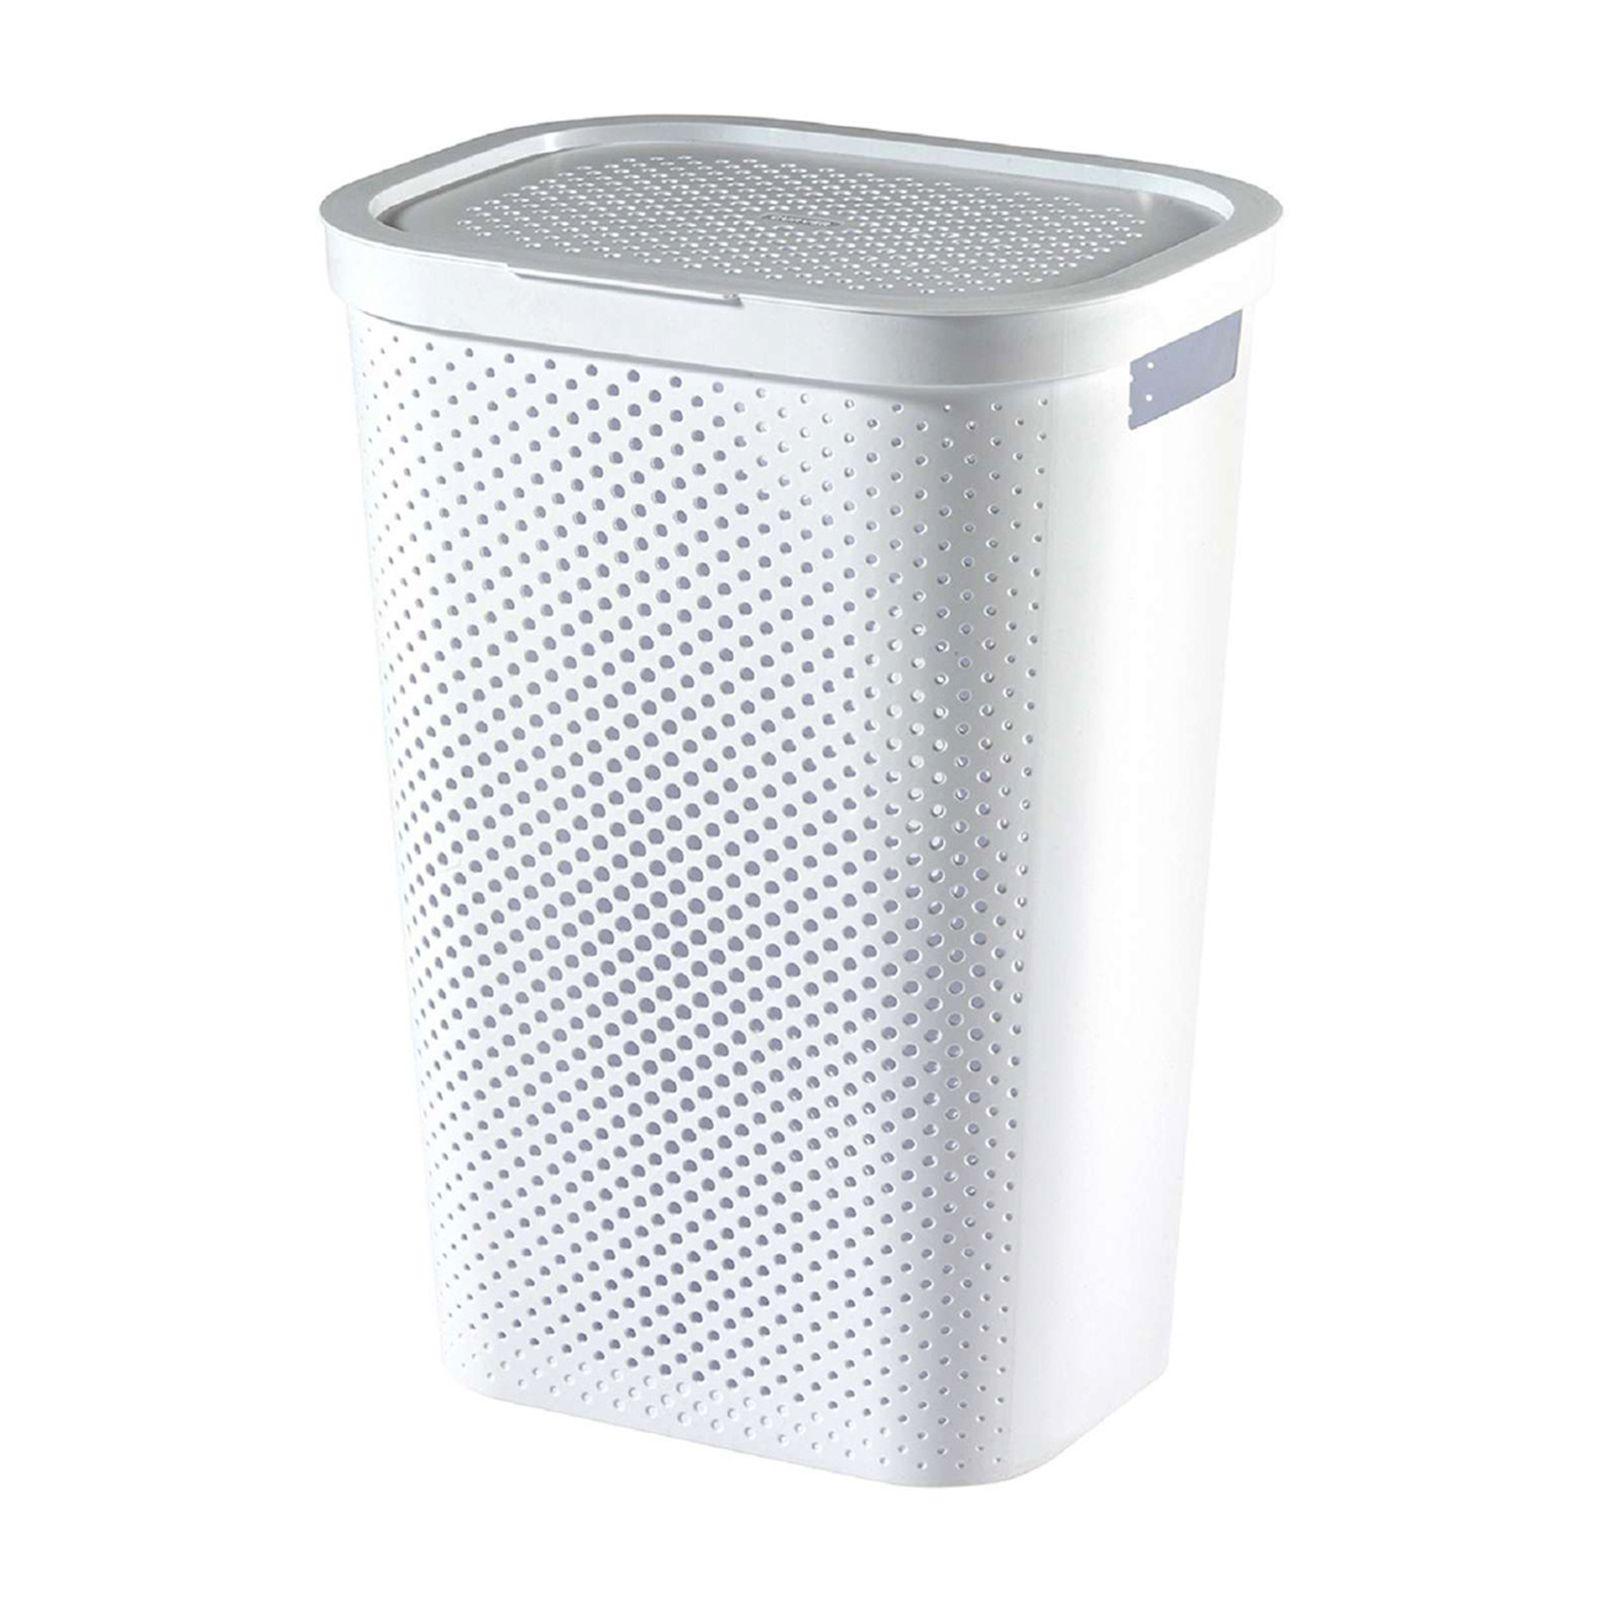 Kosz na bieliznę Infinity 100% Recykling Eko 60 L biały CURVER